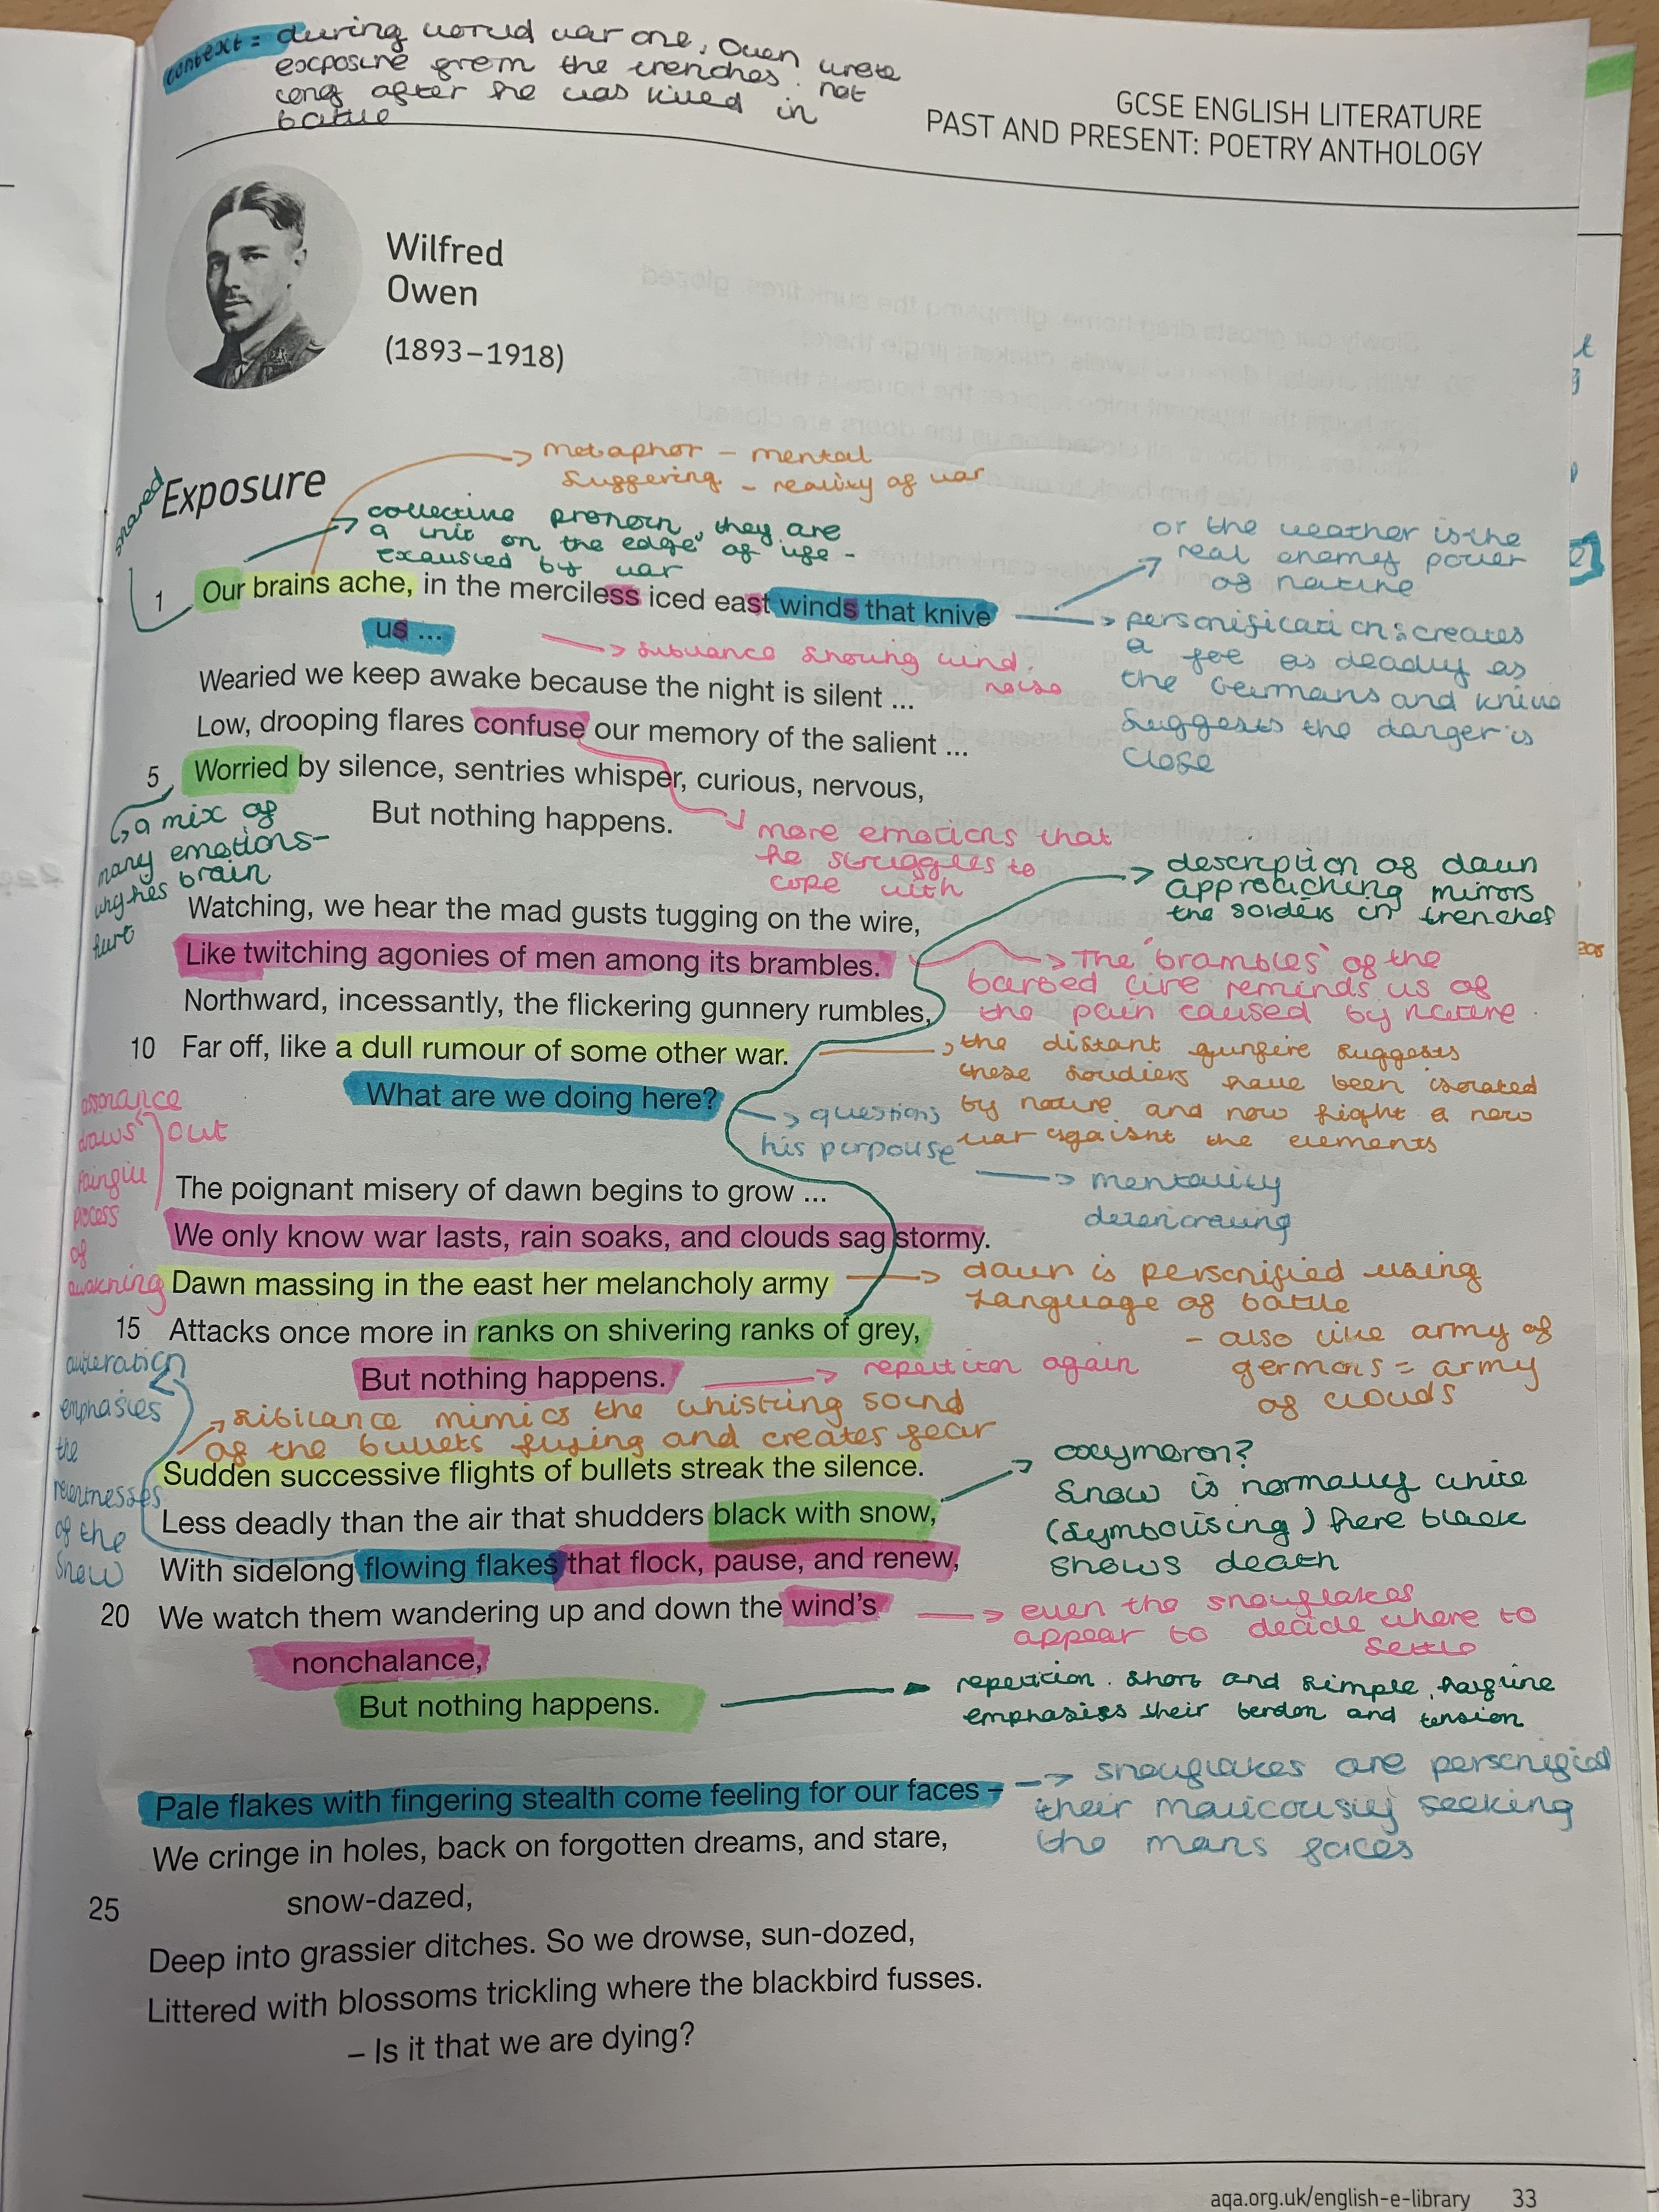 English Gcse Exposure Analysis Gcse Poems English Literature Notes Gcse English Literature